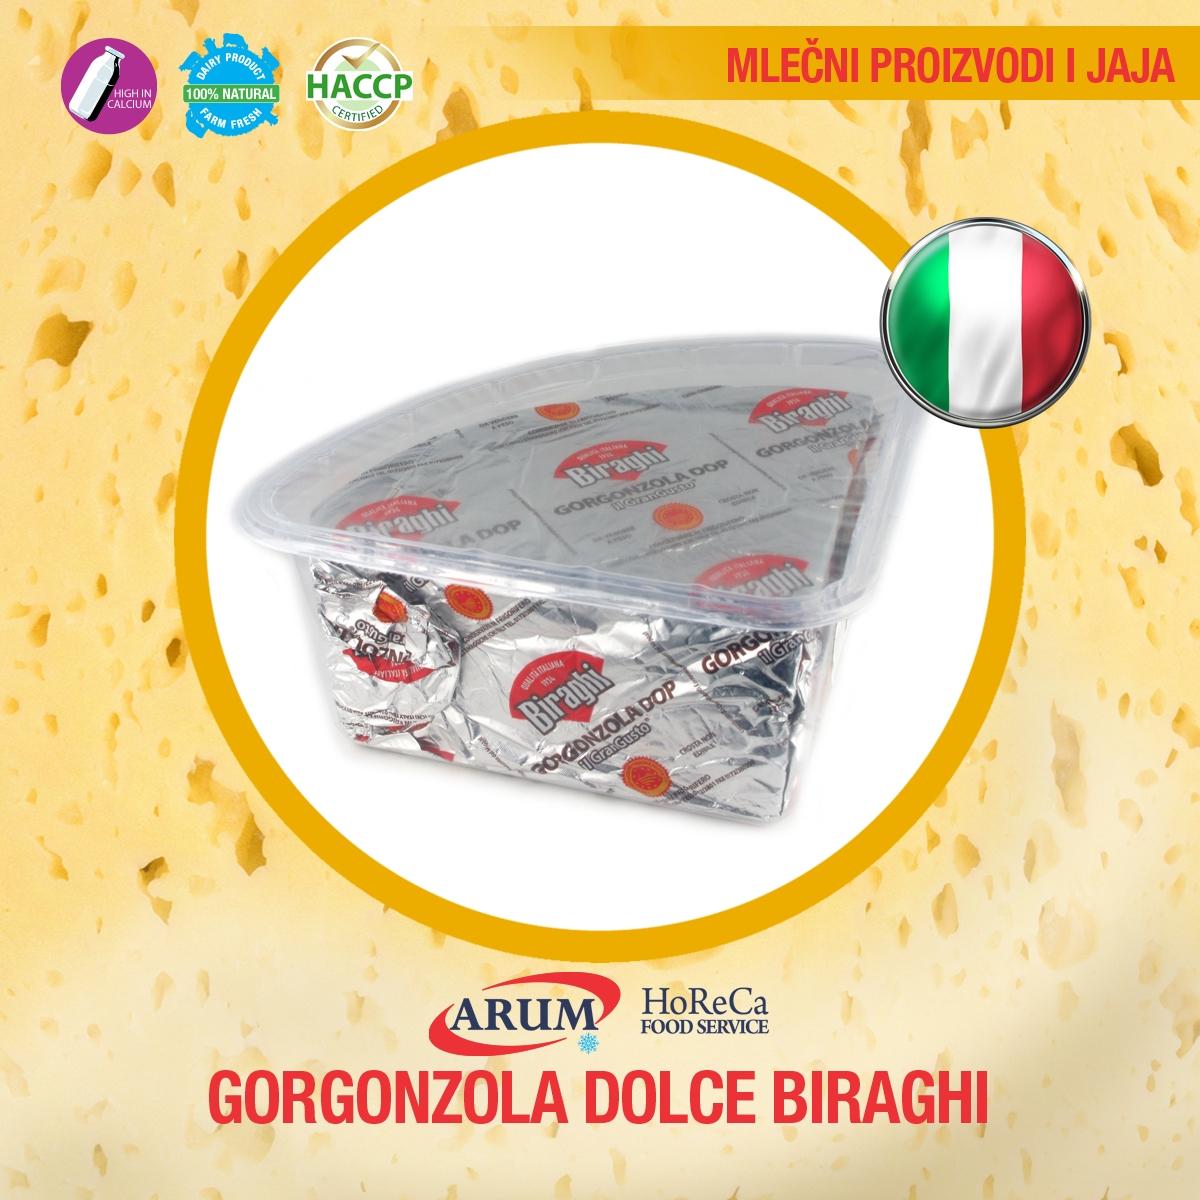 Gorgonzola dolce biraghi